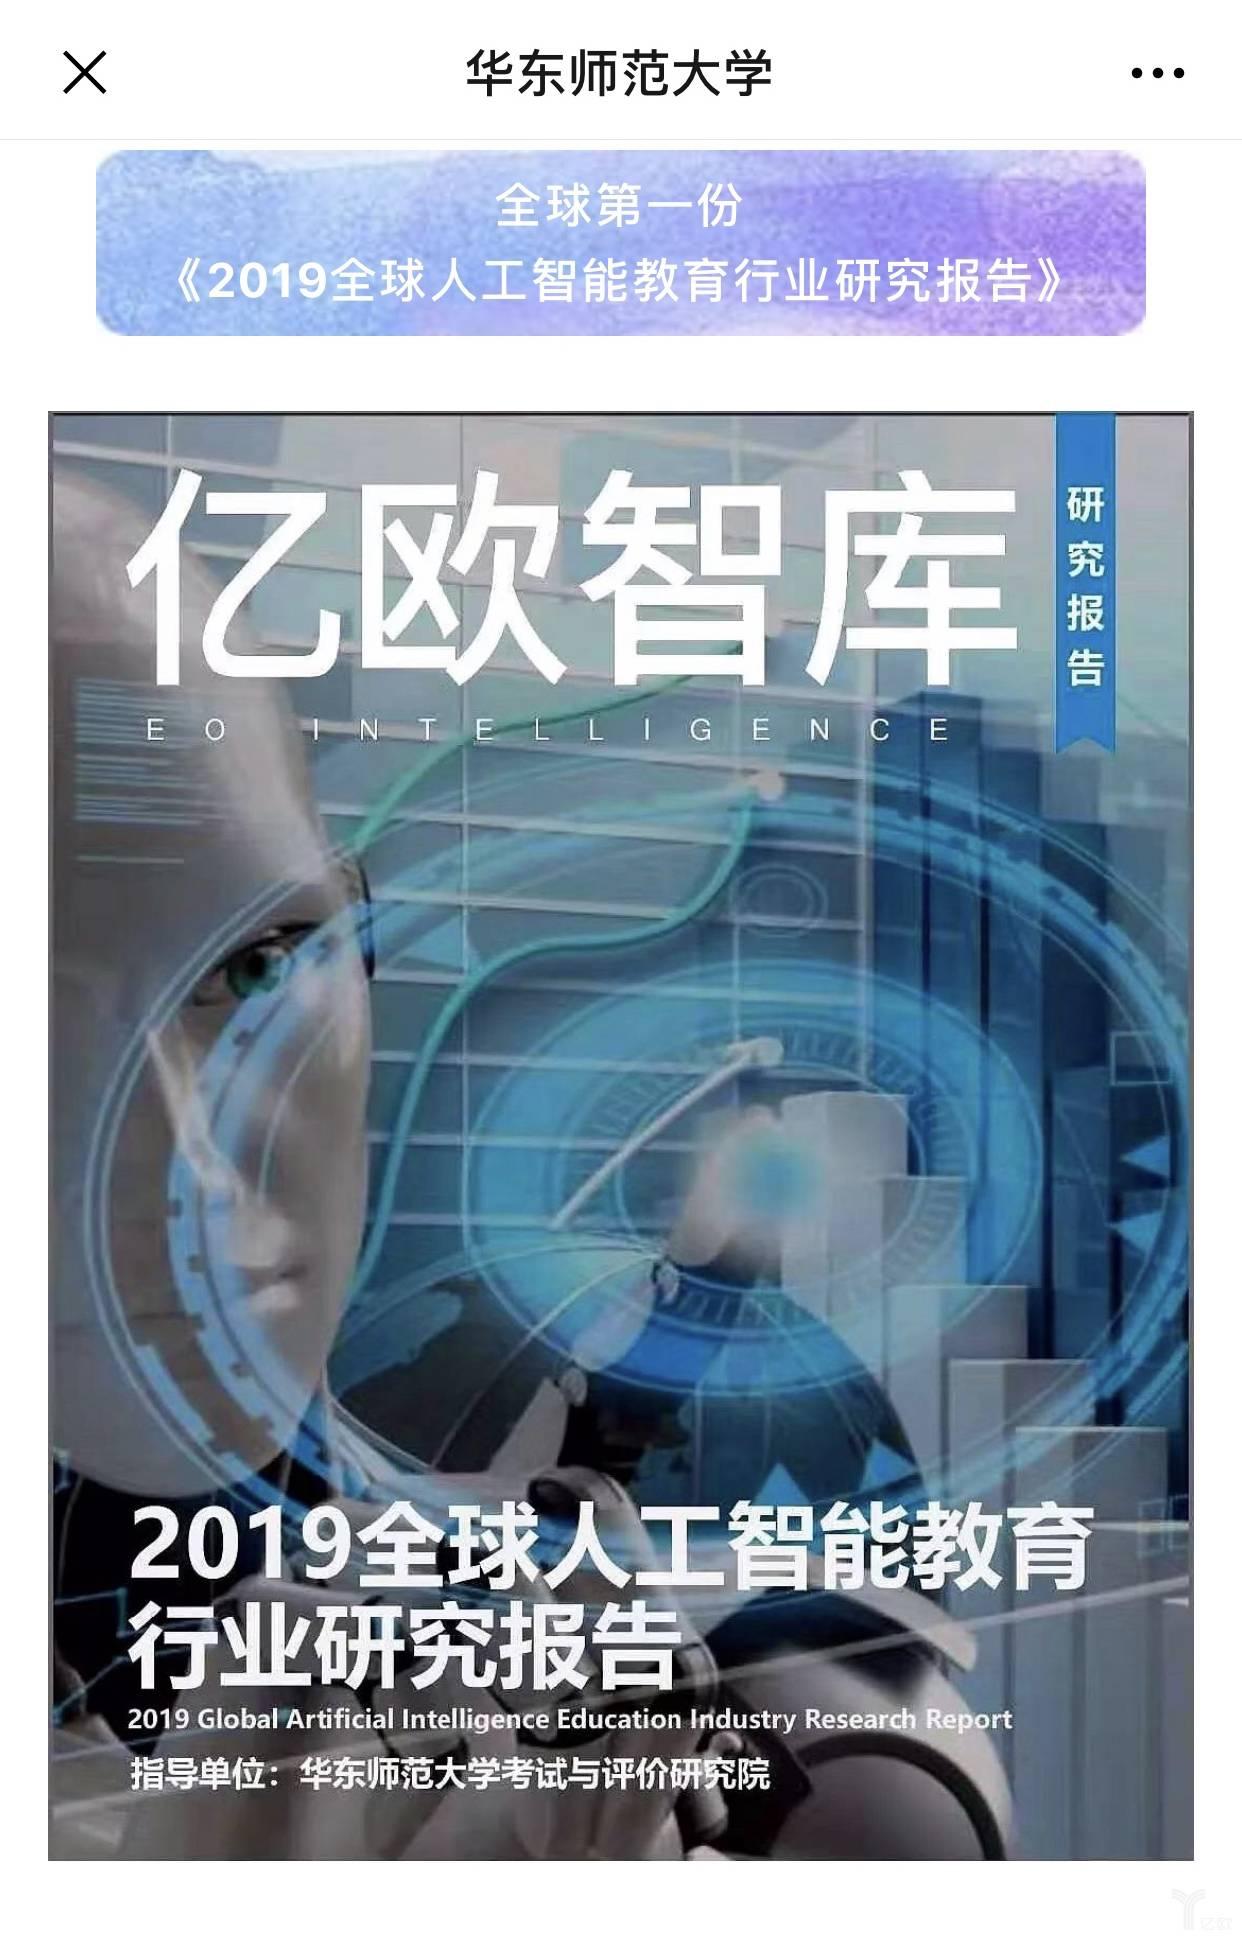 《2019全球人工智能教育行业研究报告》